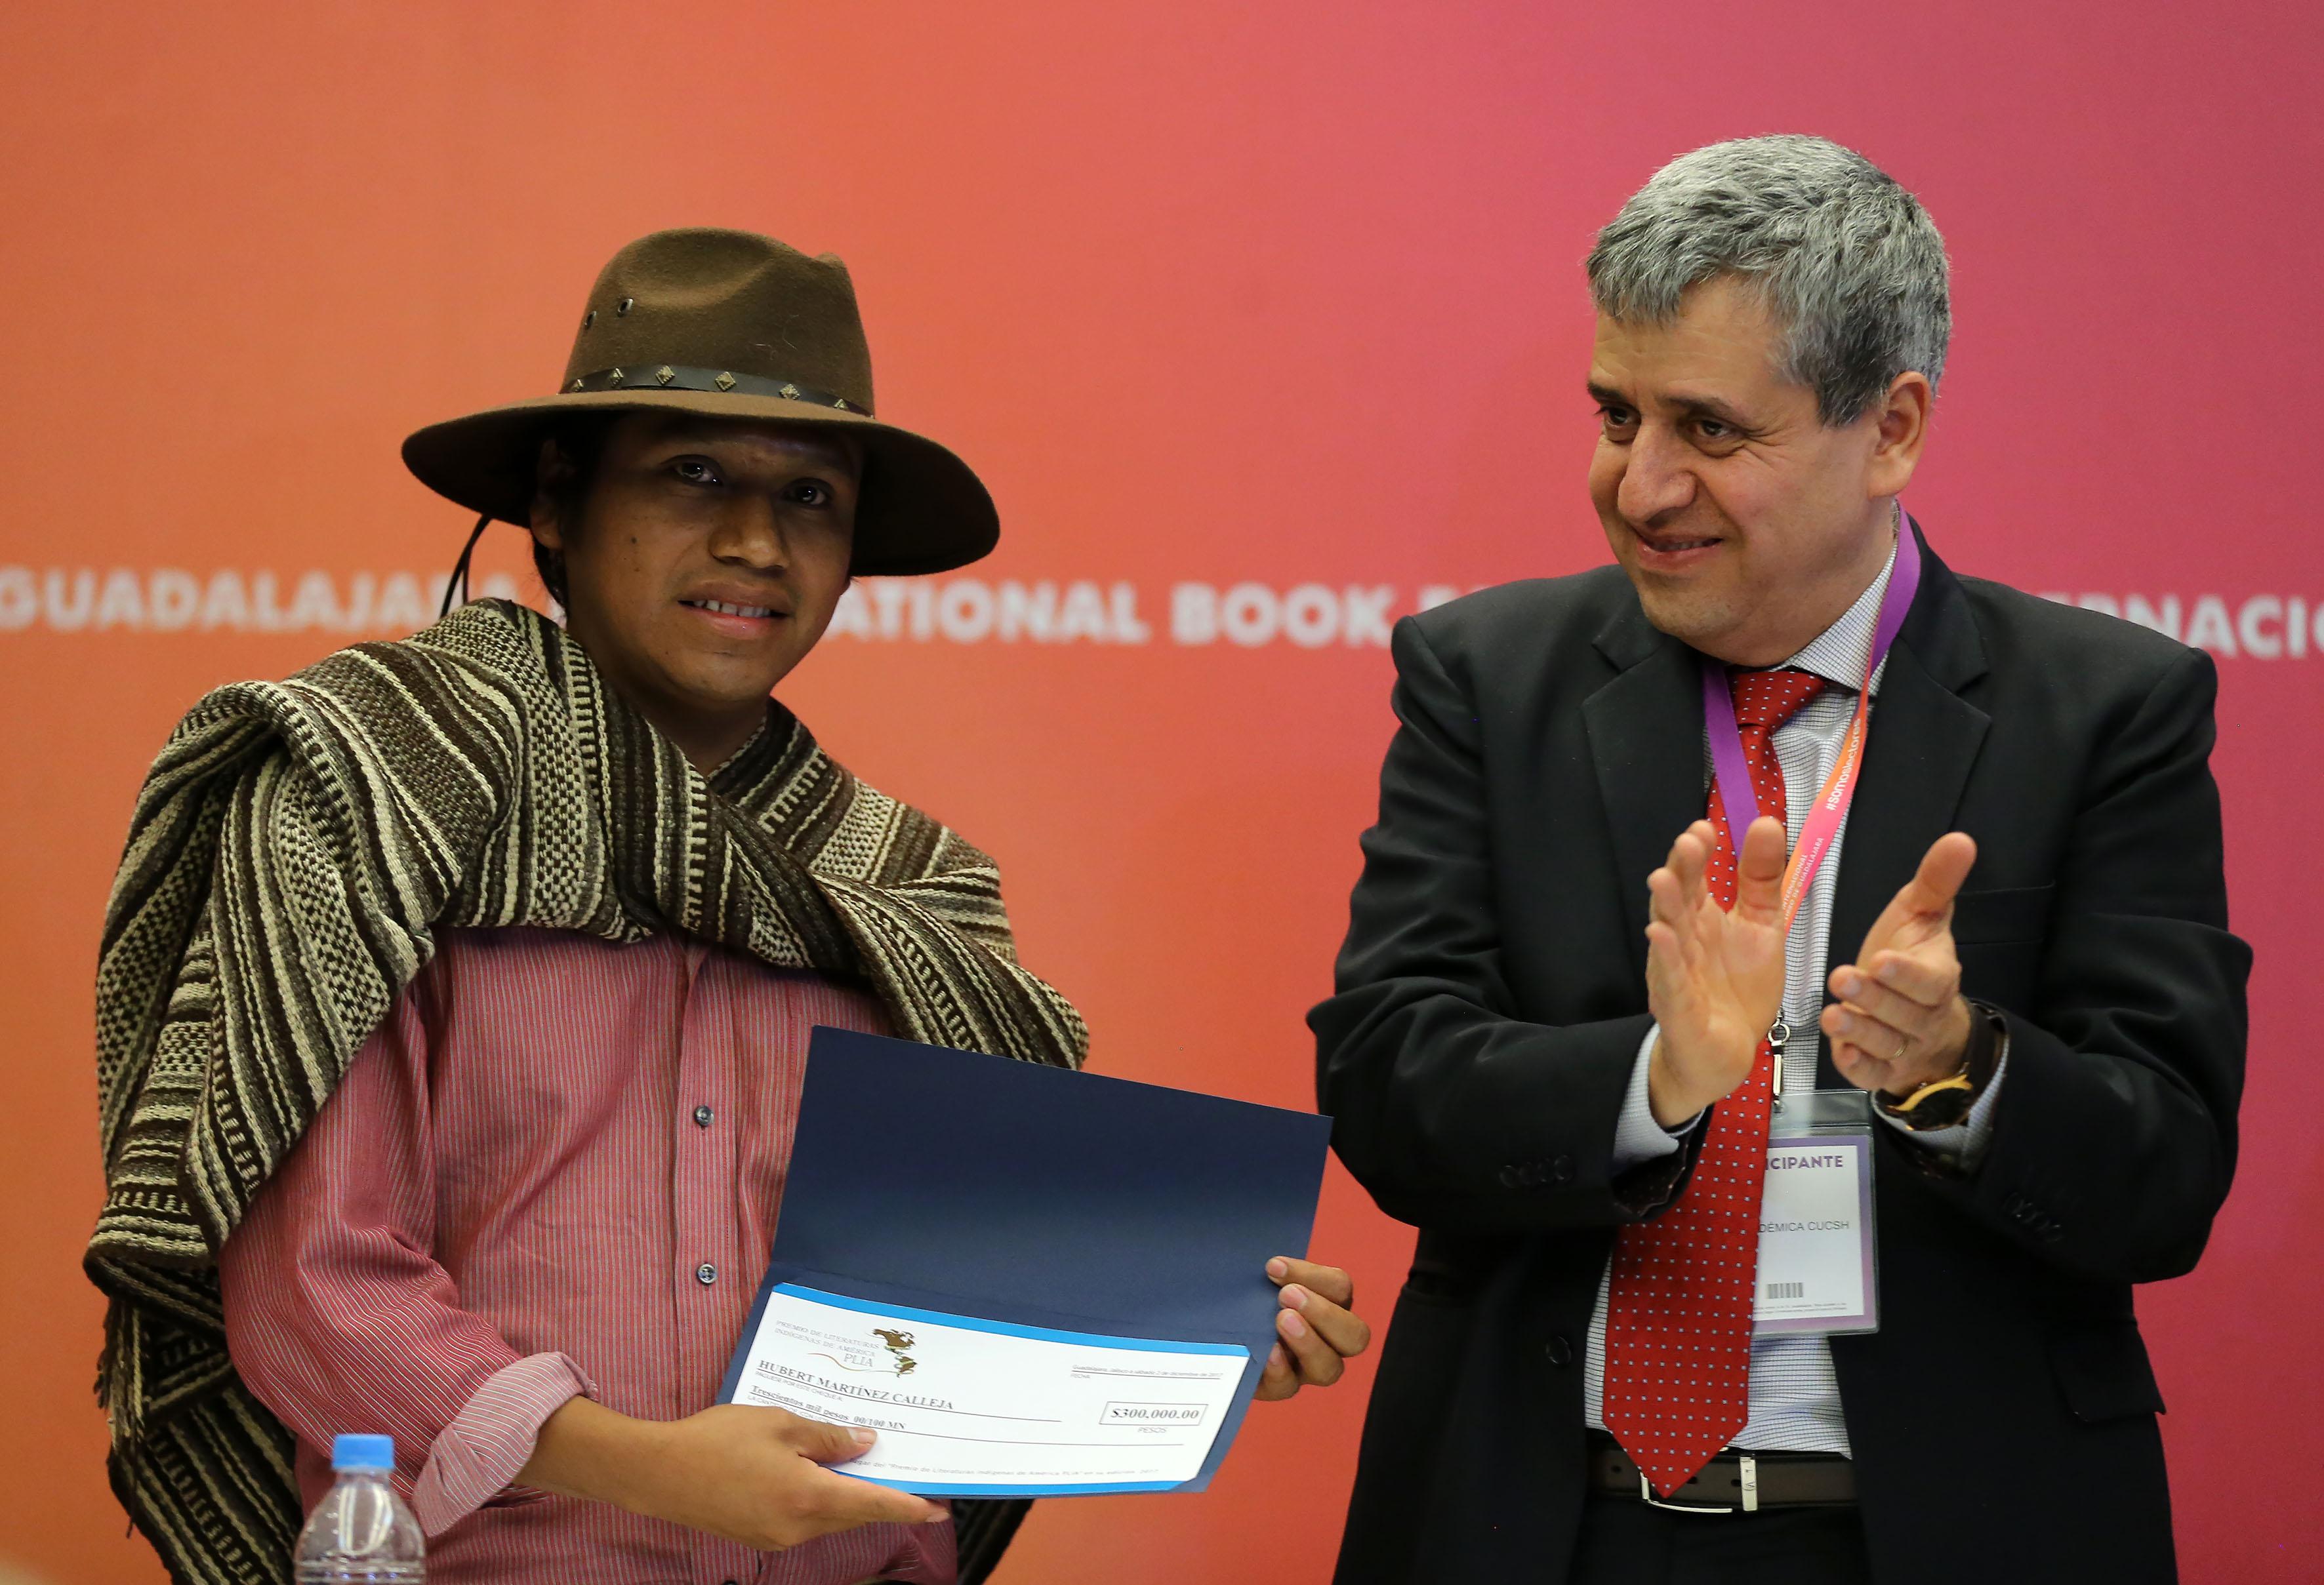 Dr Héctor Raúl Solís Gadea, Rector del Centro Universitario de Ciencias Sociales y Humanidades (CUCSH), entregó al ganador un cheque por 300 mil pesos aHubert Martínez Calleja